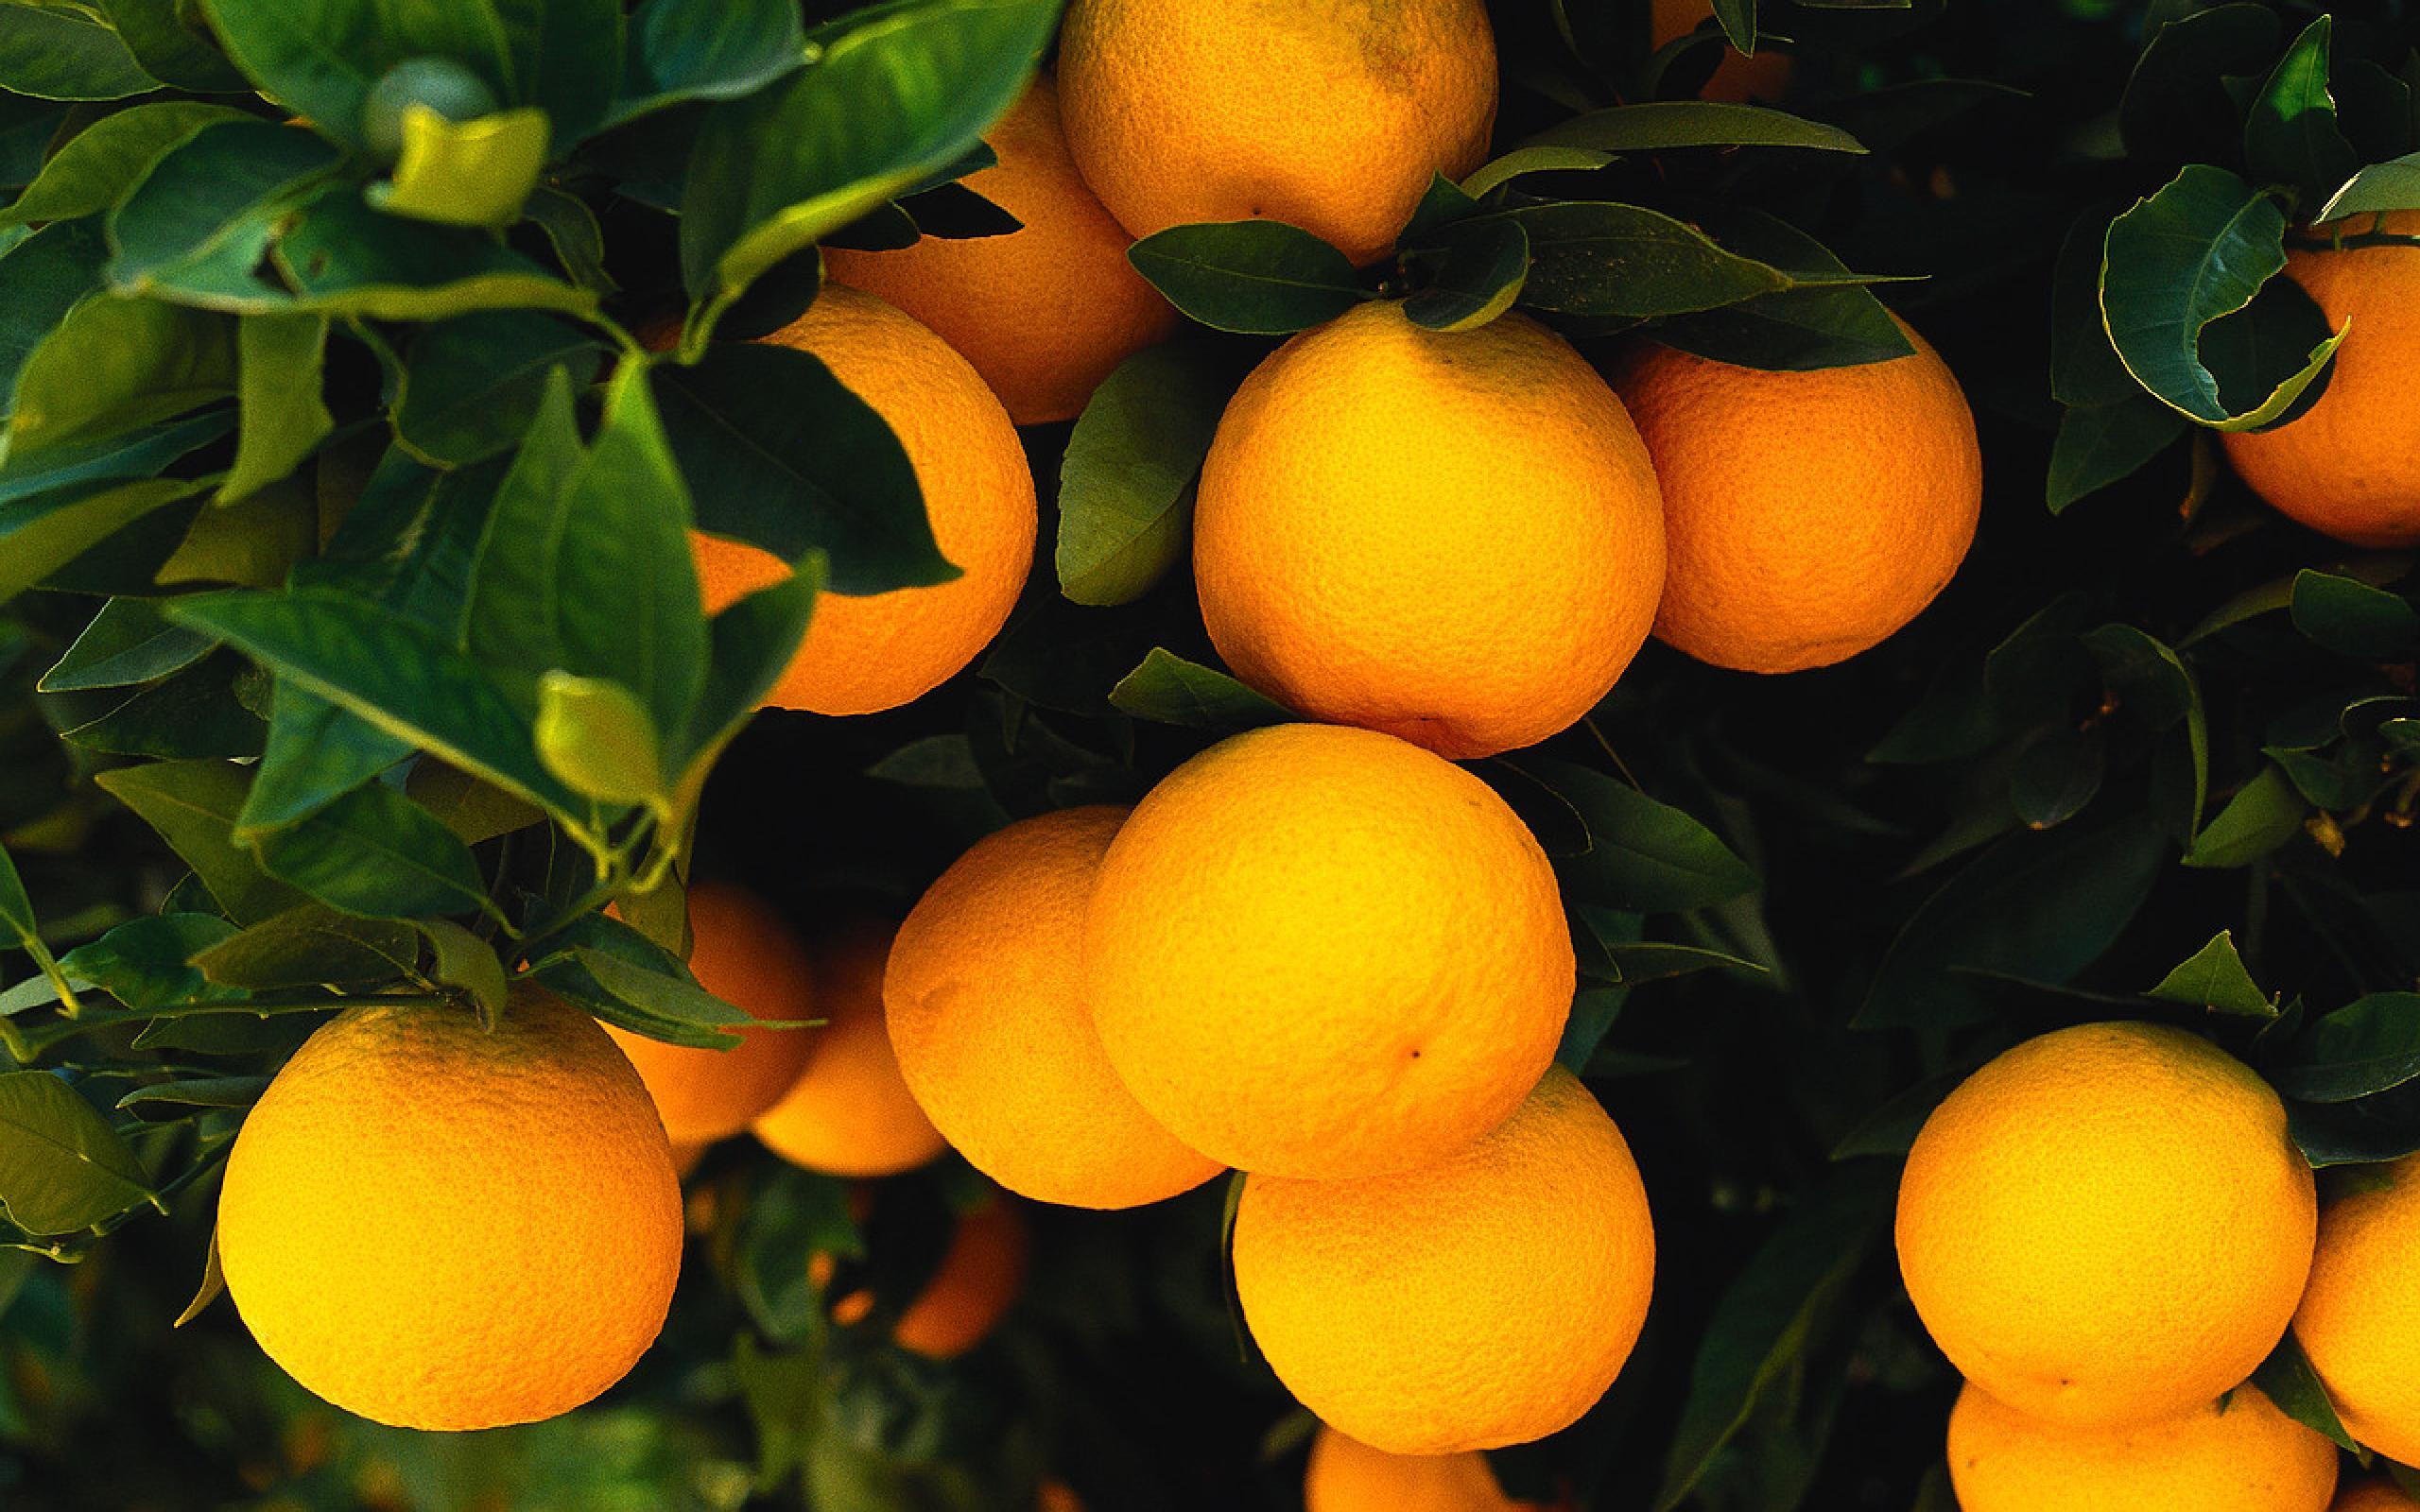 Group orange photo